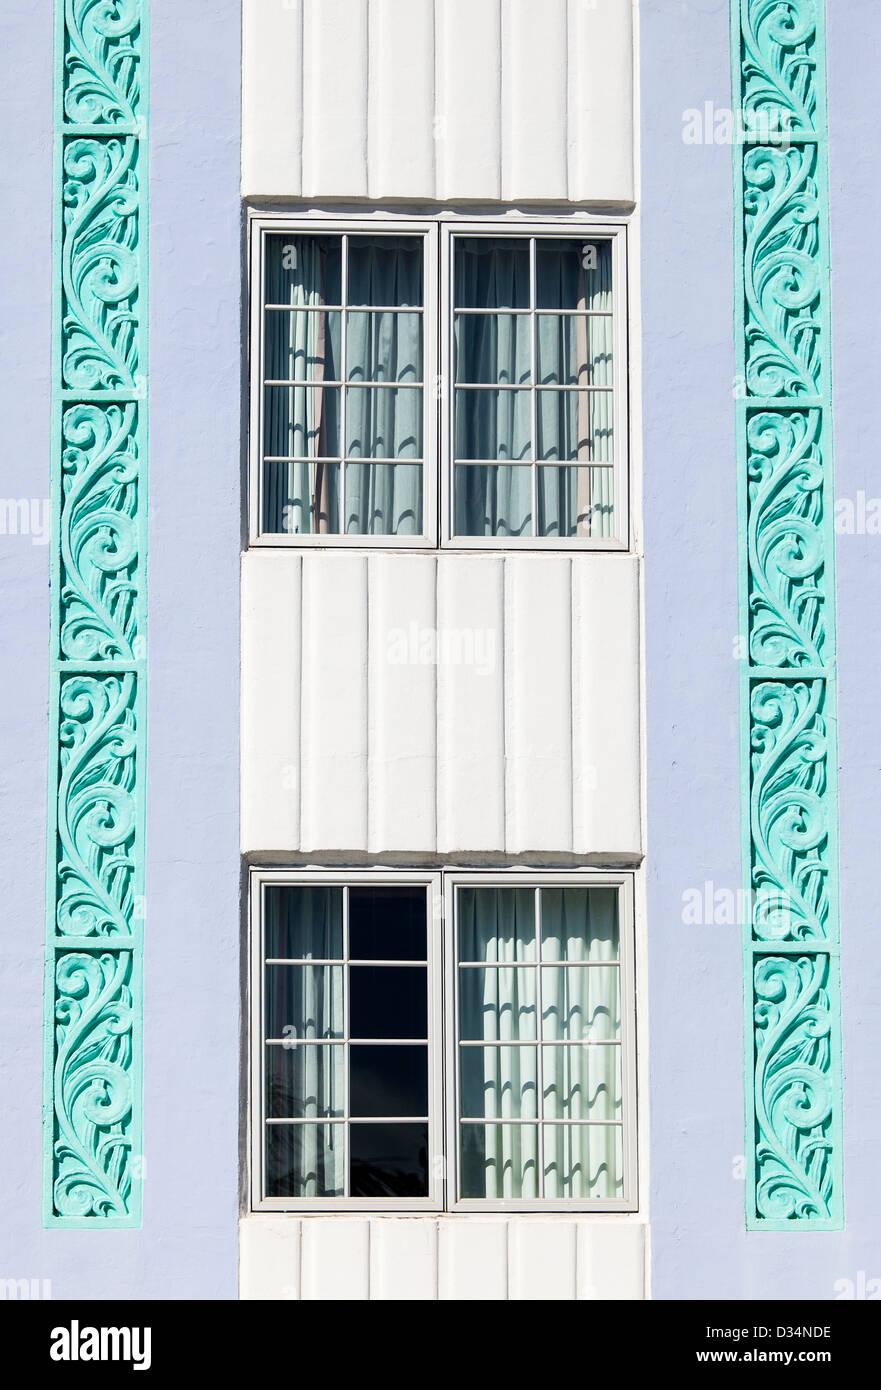 Dettaglio delle due finestre, quartiere Art Deco di South Beach, Miami Beach, Stati Uniti d'America Immagini Stock